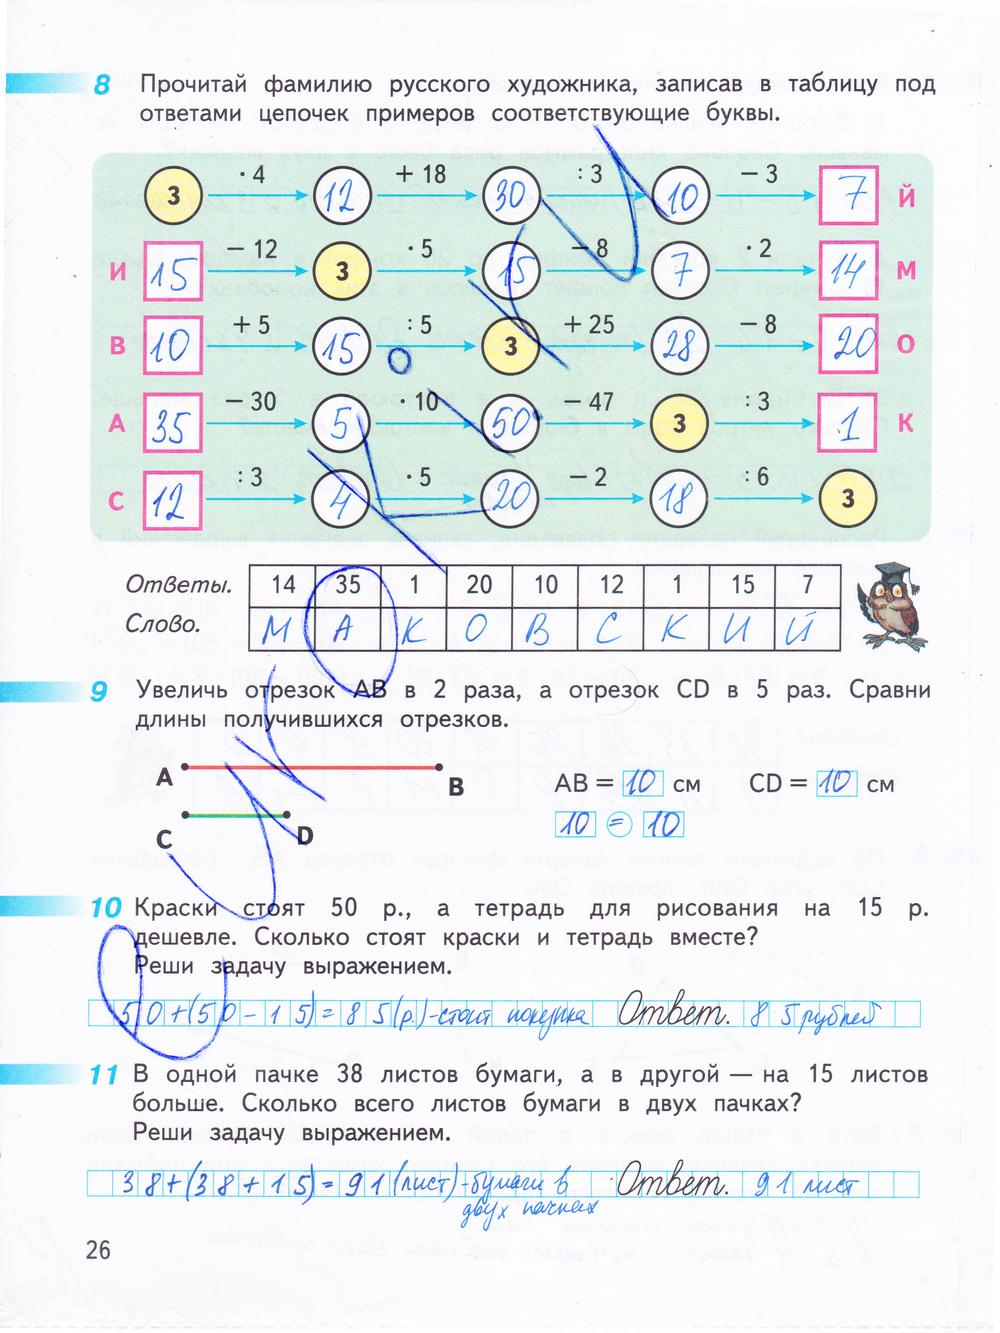 Гдз математика сборник задании11 классдорофеев